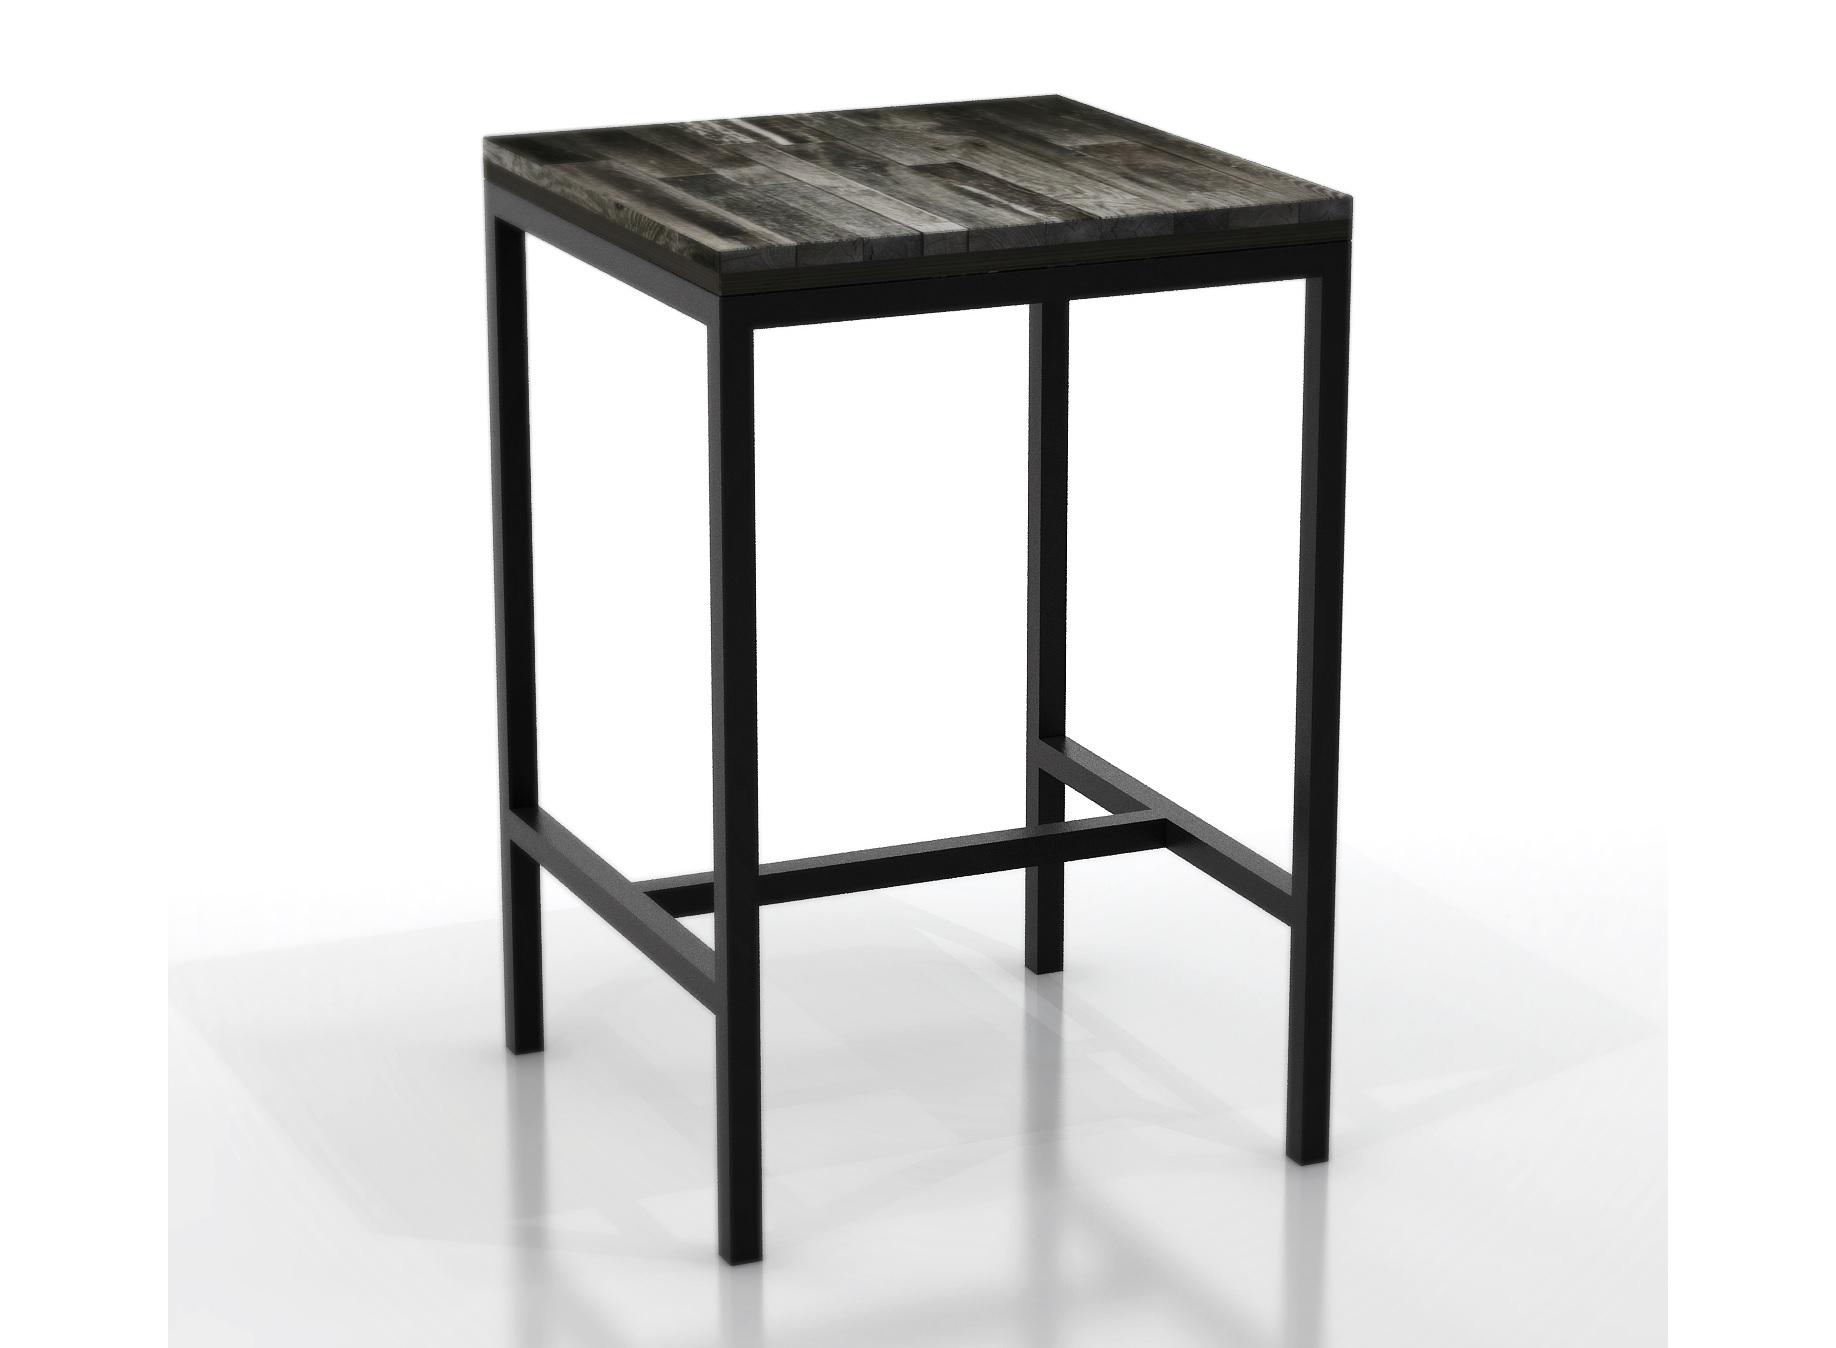 Стол барный Metalframe oldwoodБарные столы<br>Материал: березовая фанера, старая доска, стальная труба 3 х 3 см. На основание крепится мебельный войлок.Возможно изготовление любых размеров, стоимость необходимо уточнять.Ширина: 60-300 см, глубина: 60-100 см, высота: 91/101/111/121 см.<br><br>kit: None<br>gender: None